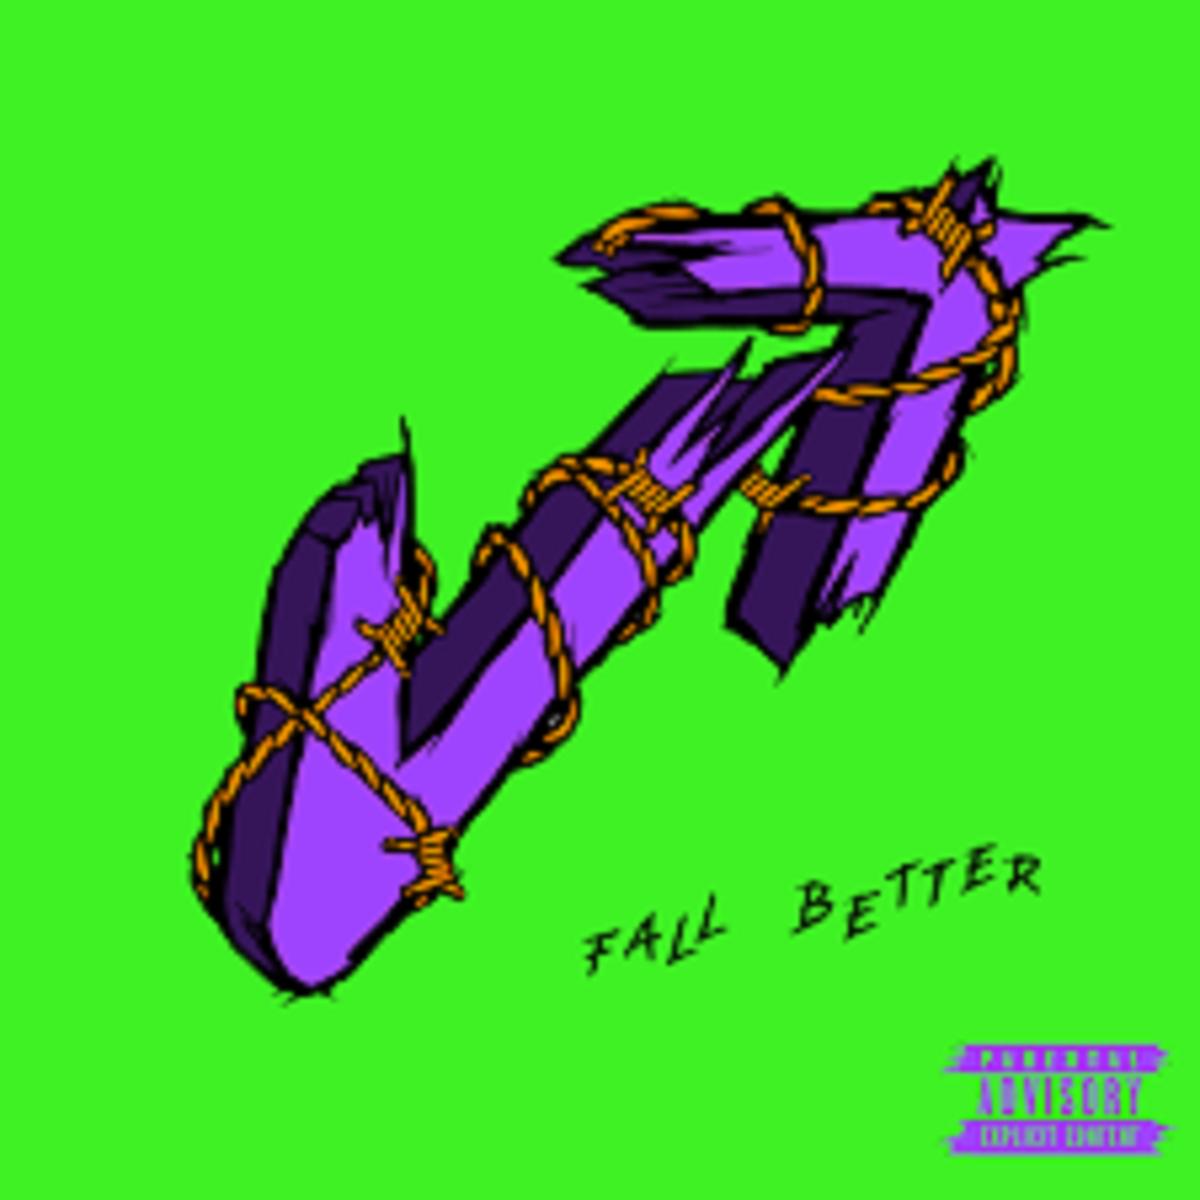 Review: Vukovi – Fall Better